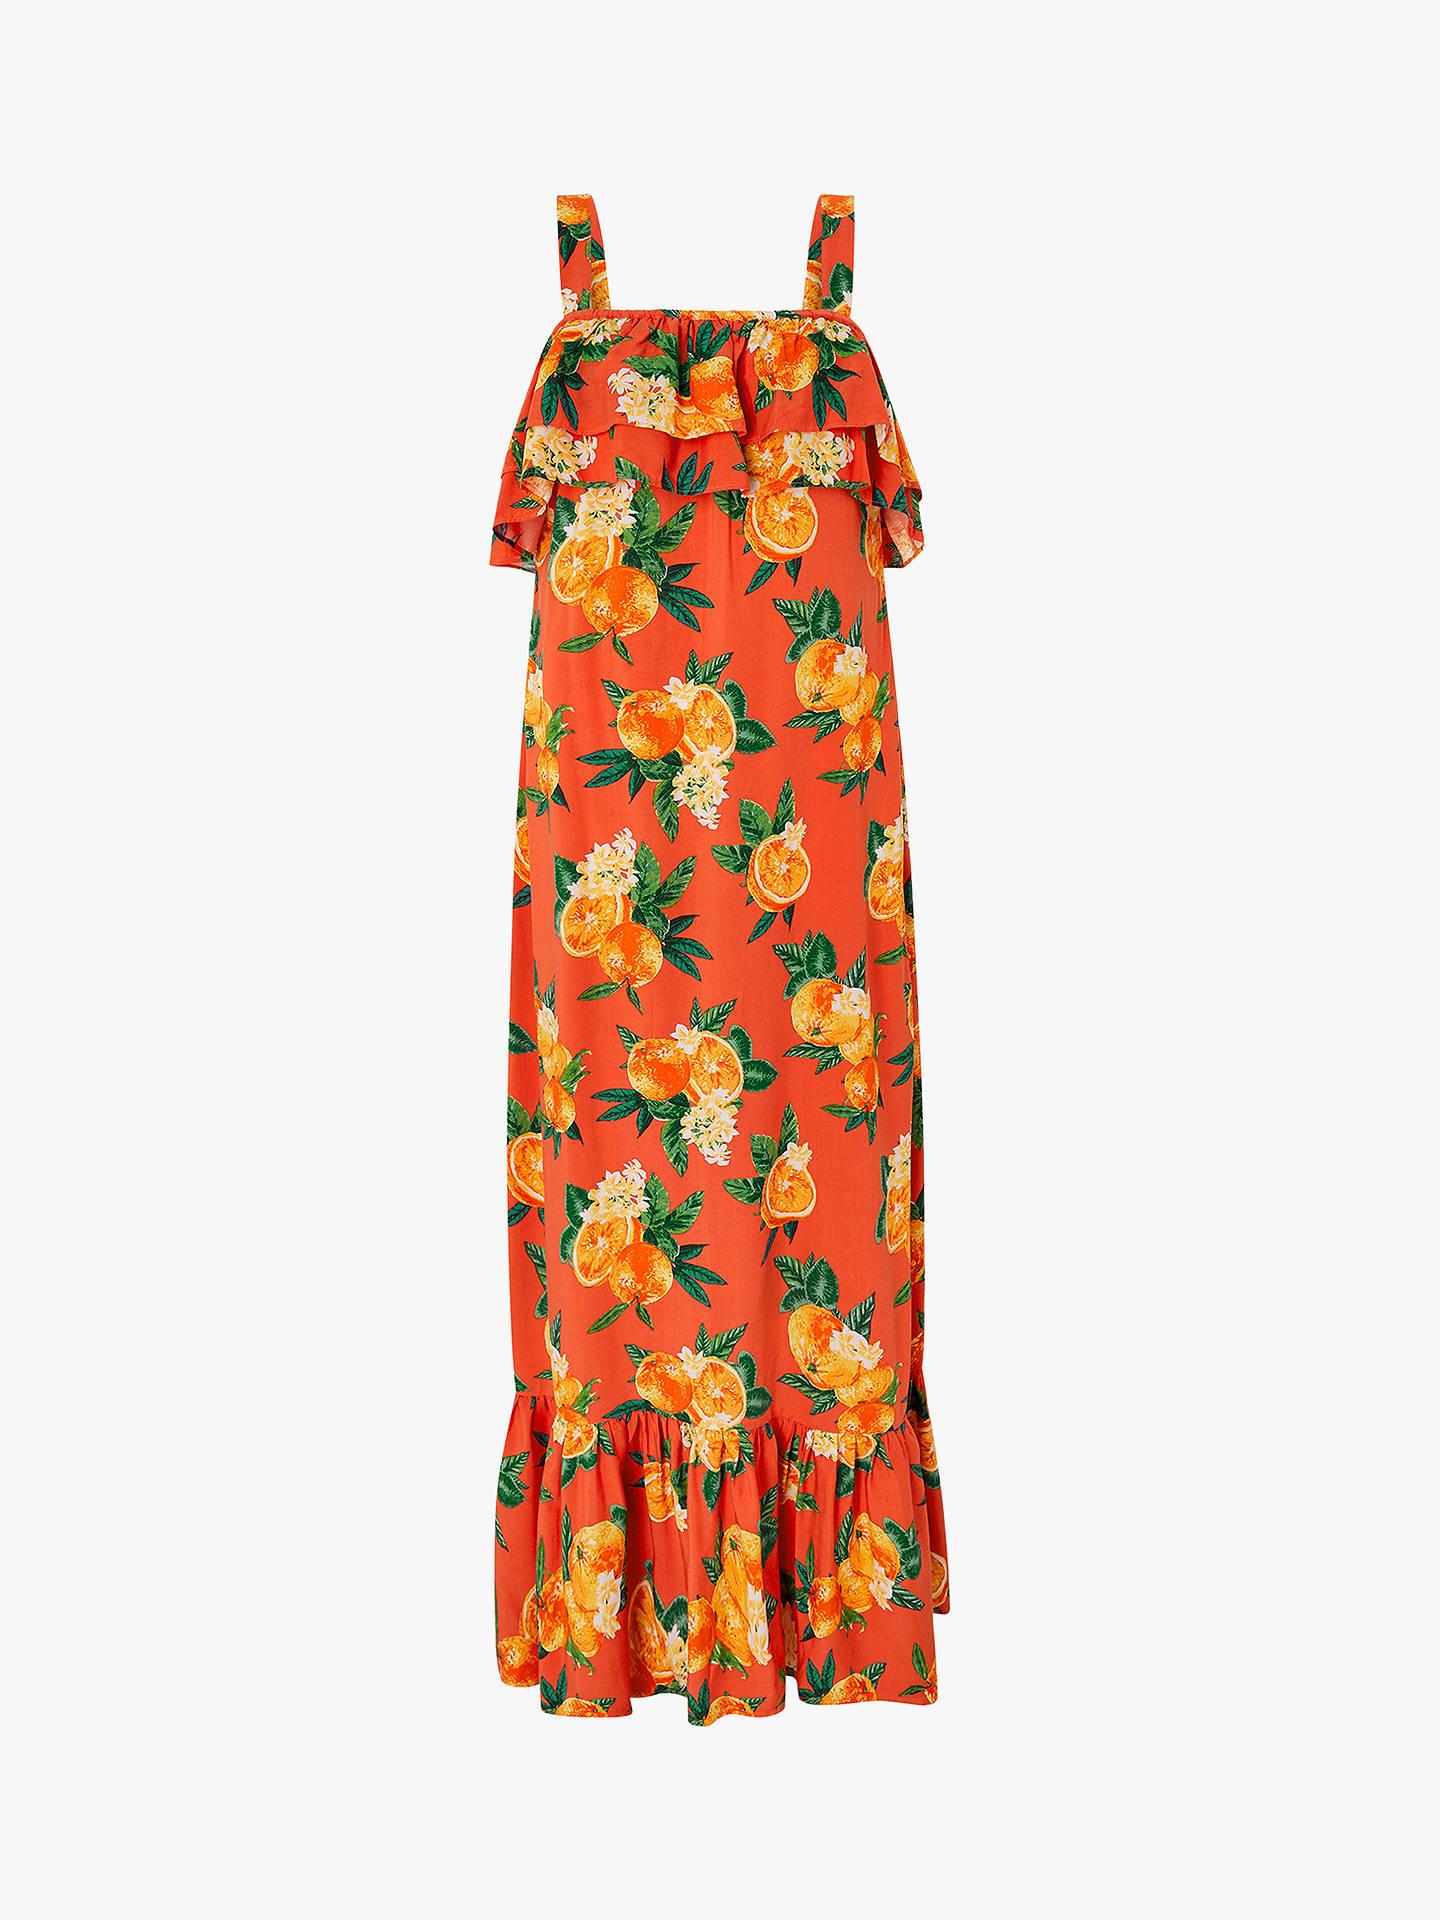 cf086f70a33 ... Buy Monsoon Laranja Orange Print Maxi Dress, Orange, S Online at  johnlewis.com ...